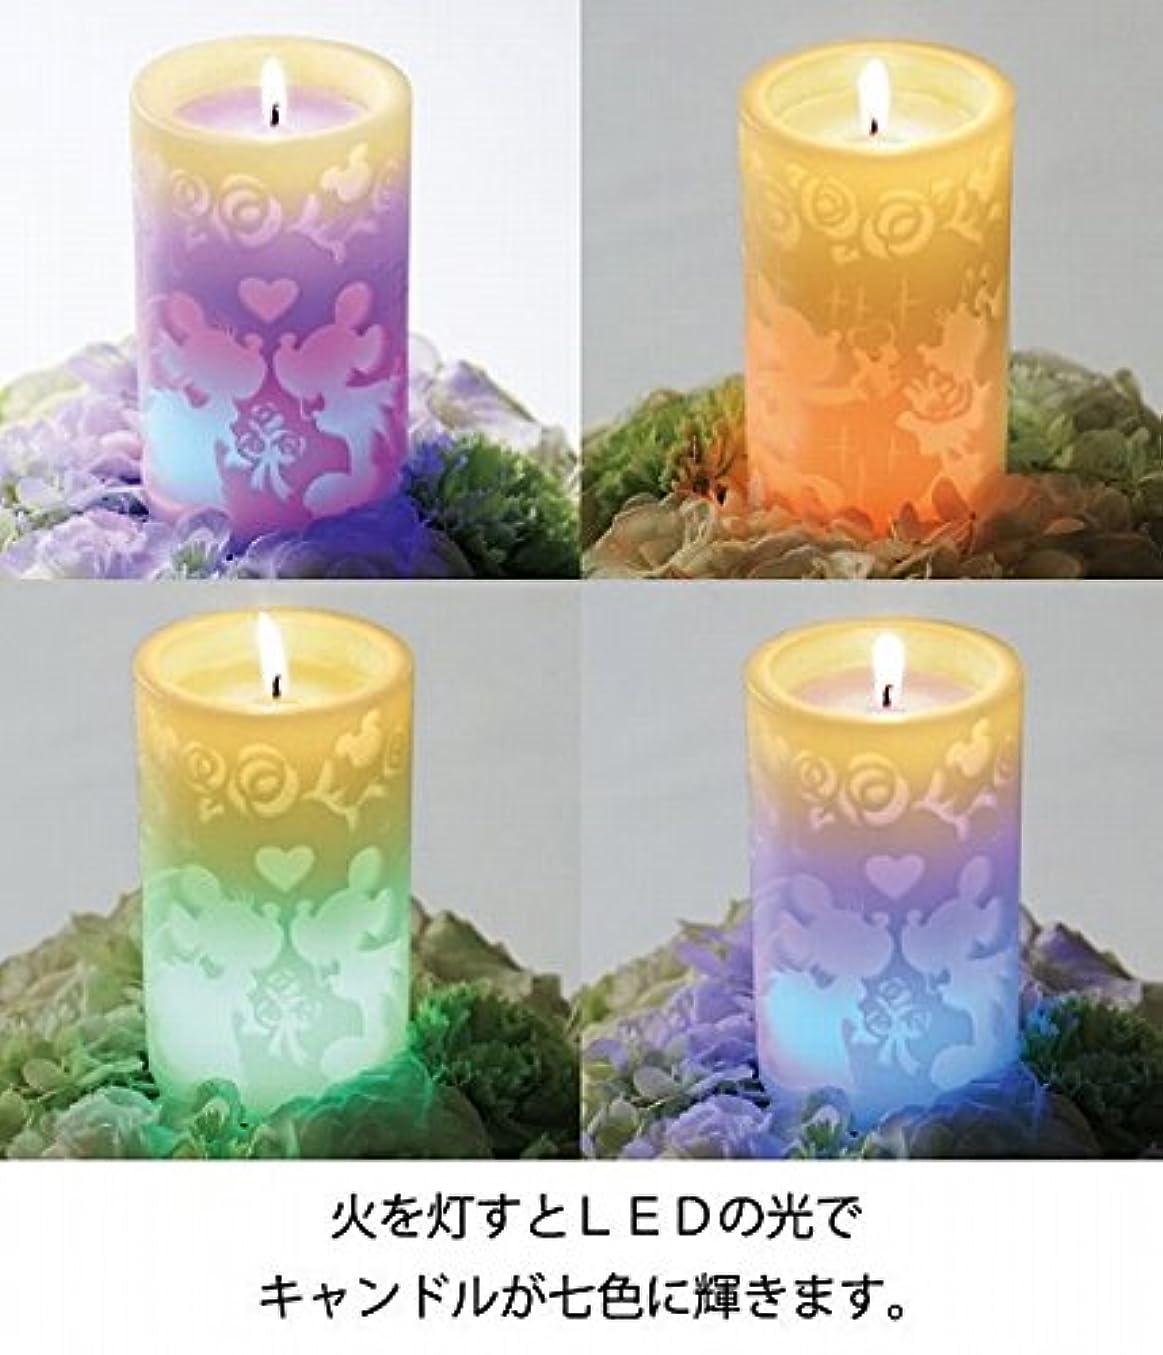 無駄西部マンハッタンカメヤマキャンドル( kameyama candle ) ミッキー&ミニーLEDピラー